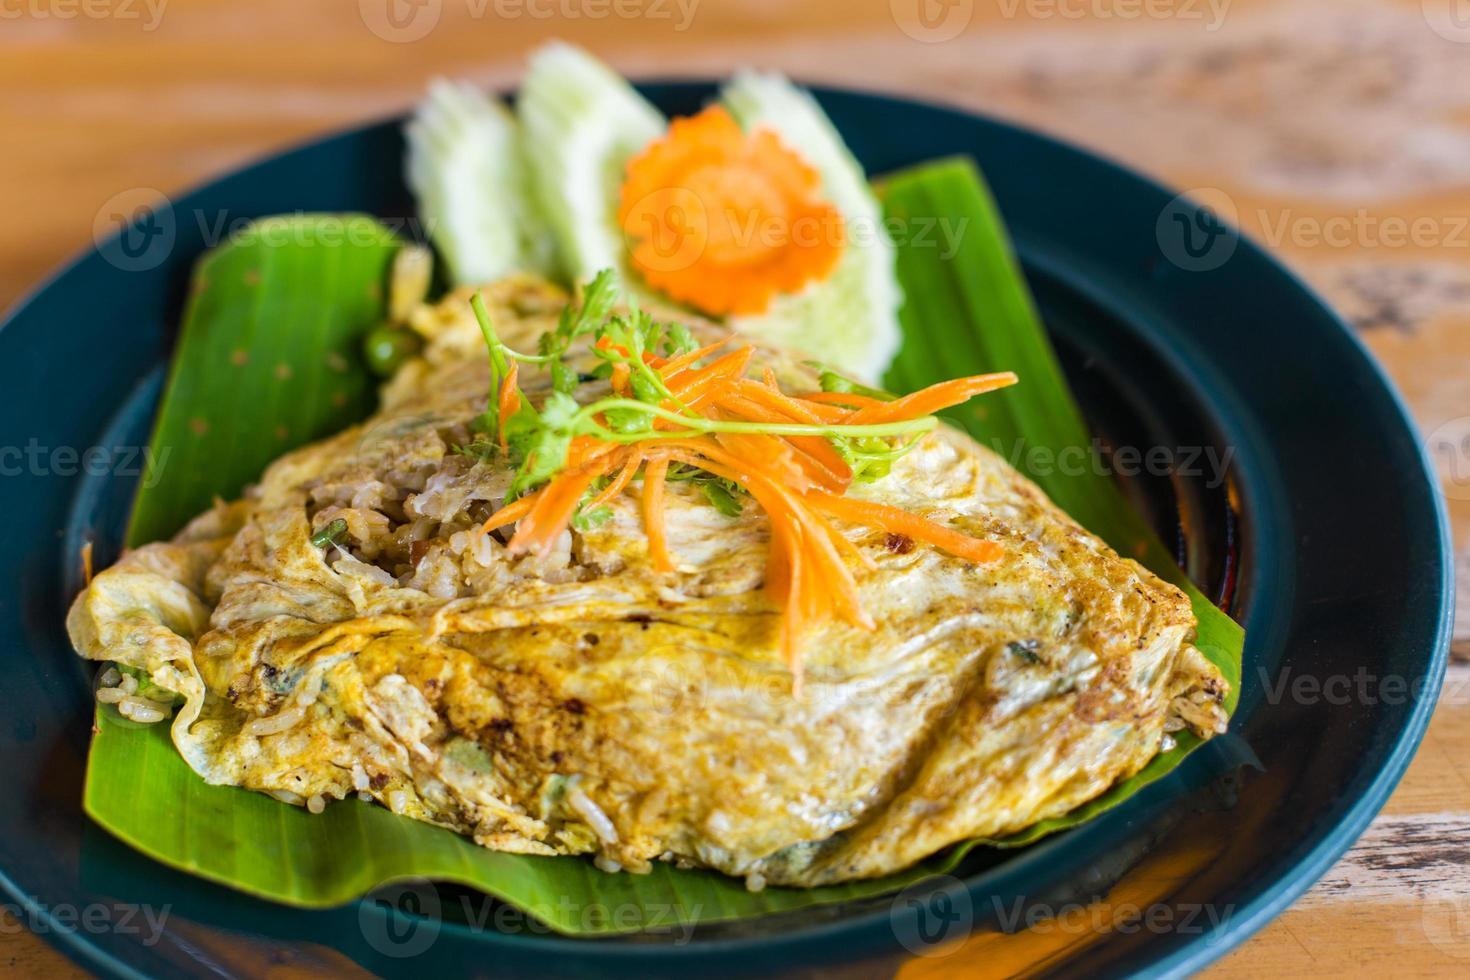 riz au curry vert dans un emballage d'oeufs photo